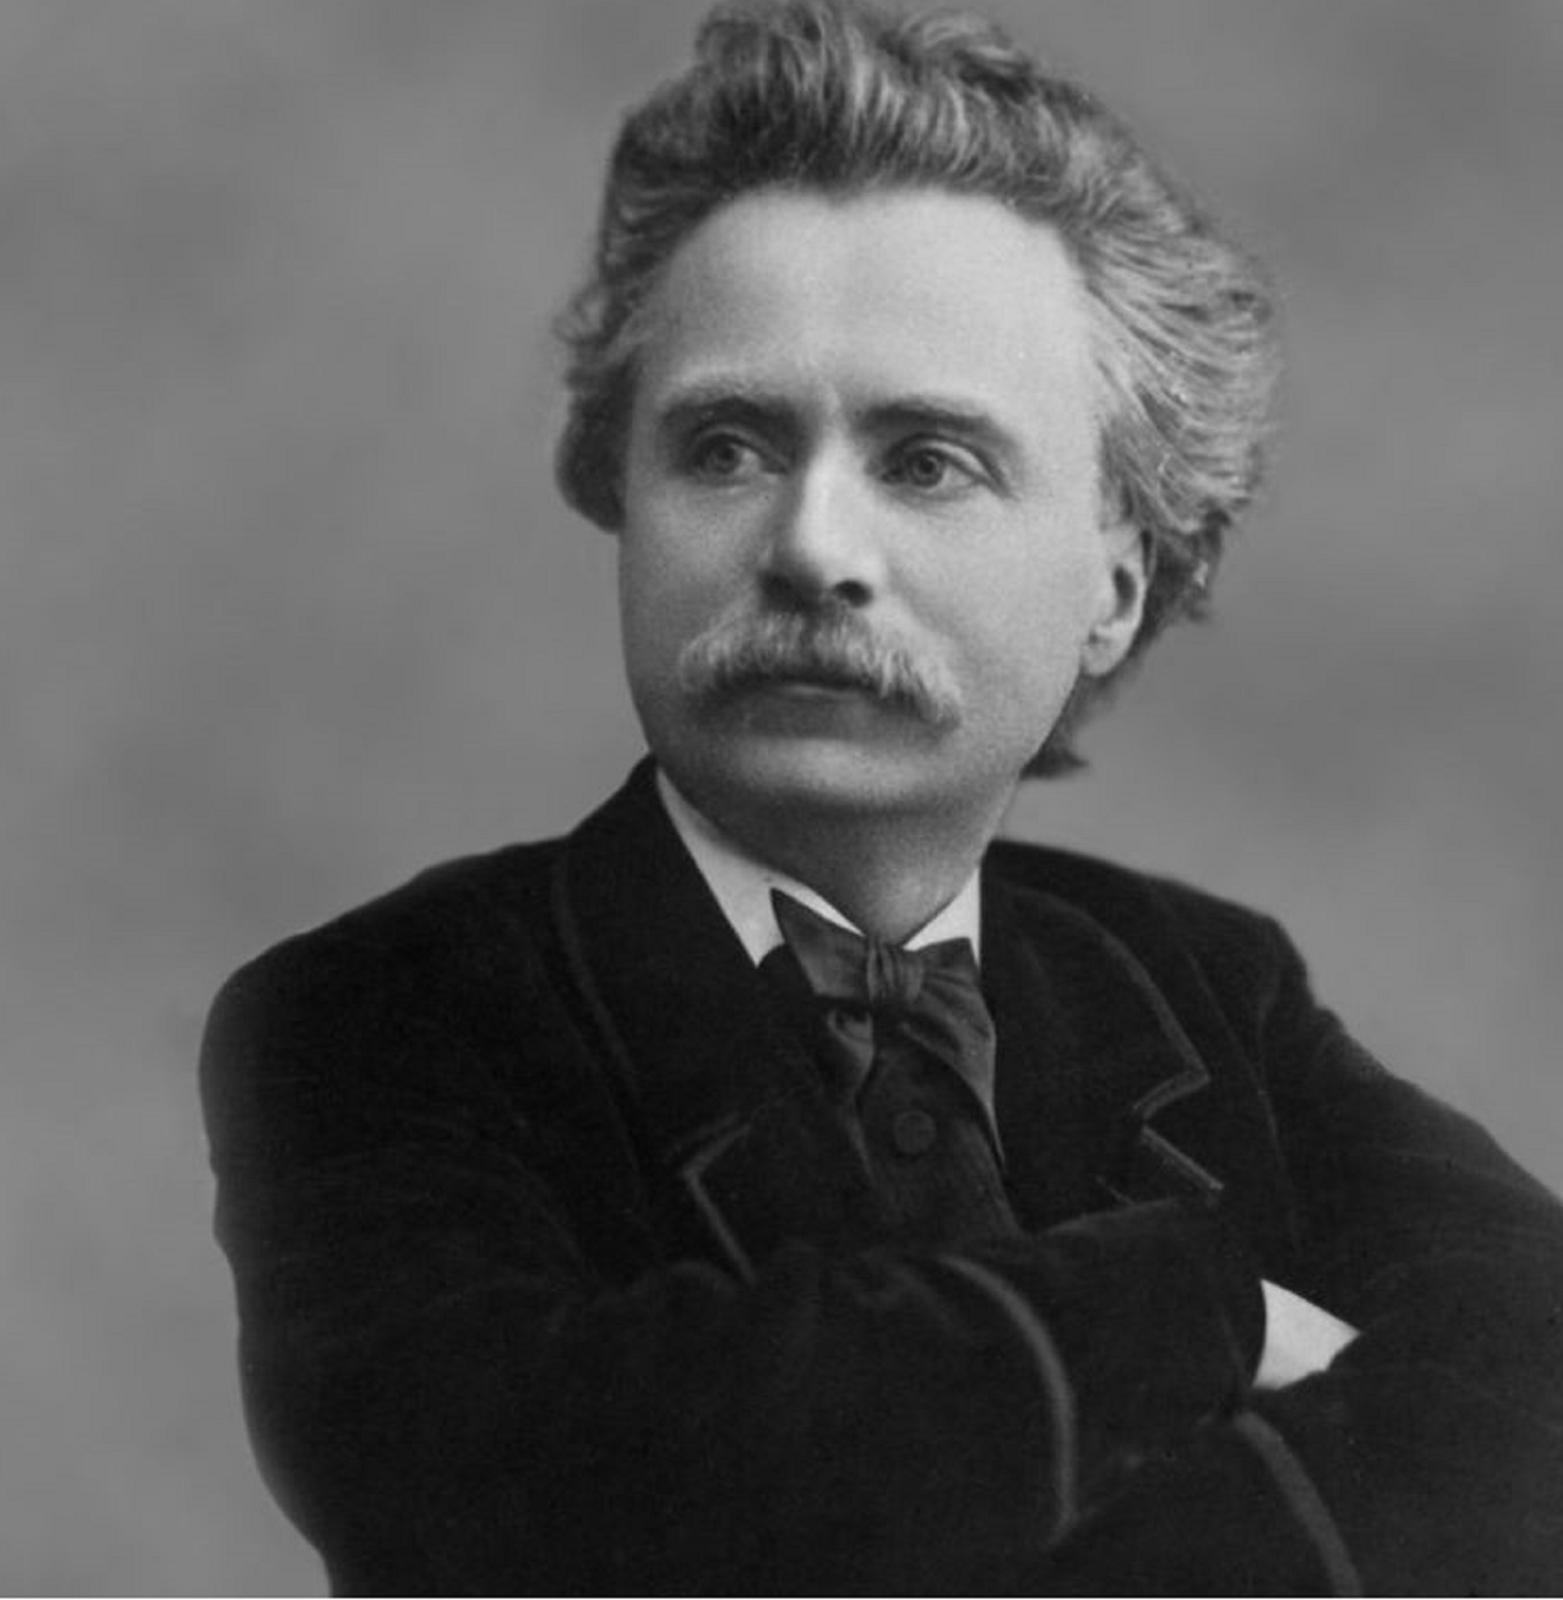 Ilustracja przedstawia fotografię Edvarda Griega. Mężczyzna ukazany jest zprawego półprofilu, od pasa wgórę. Postać ubrana jest wczarny płaszcz oraz jasną koszulę zprzeplecioną pod szyją muszką.